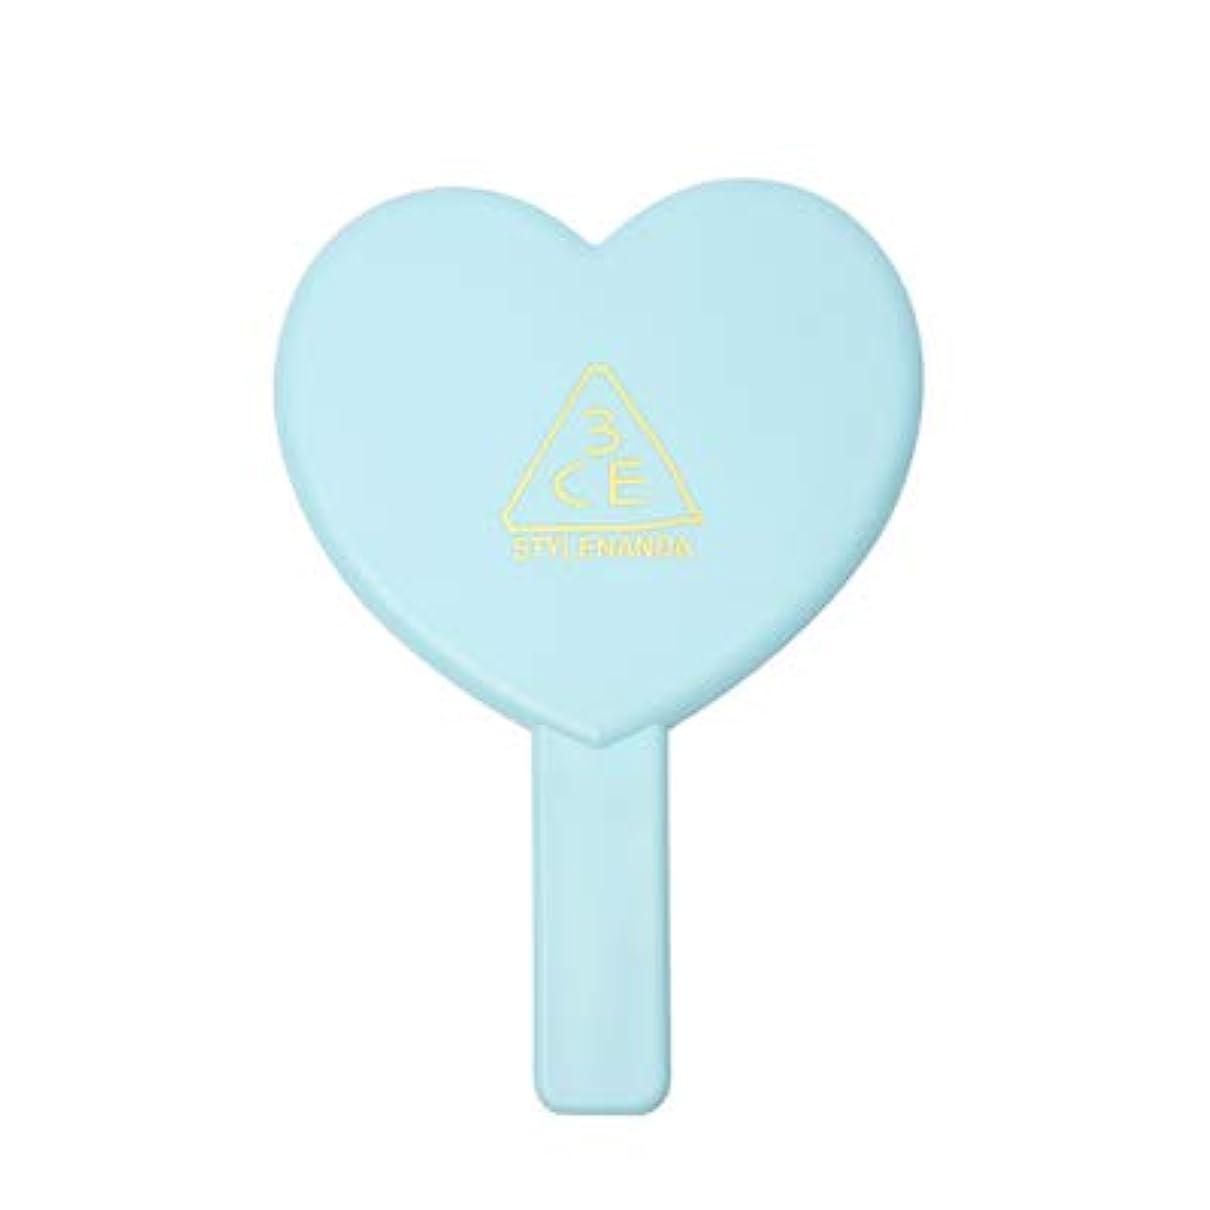 降雨接尾辞宝石3CE LOVE 3CE HEART HAND MIRROR (BLUE) / ラブ3CEハート?ハンド?ミラー (ブルー) [並行輸入品]